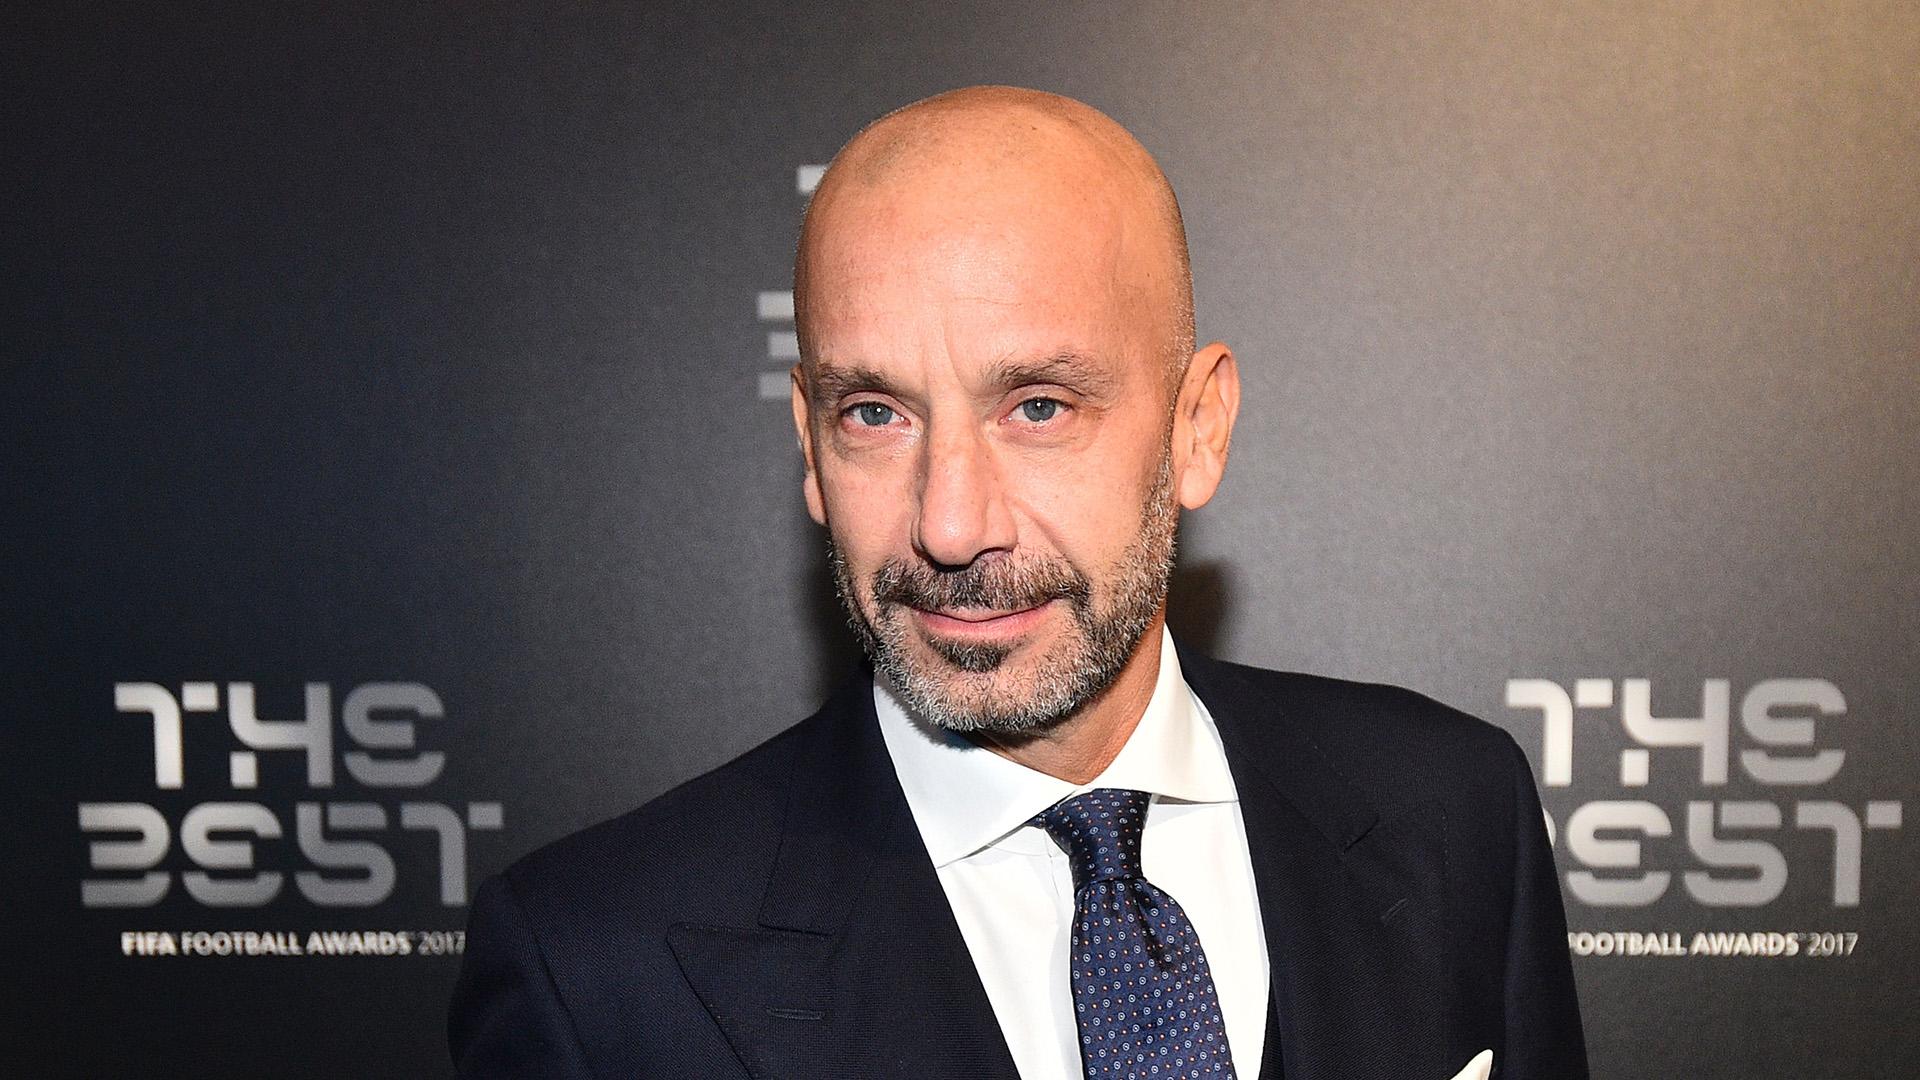 Sampdoria, vicina la cessione a un fondo americano: Vialli presidente?